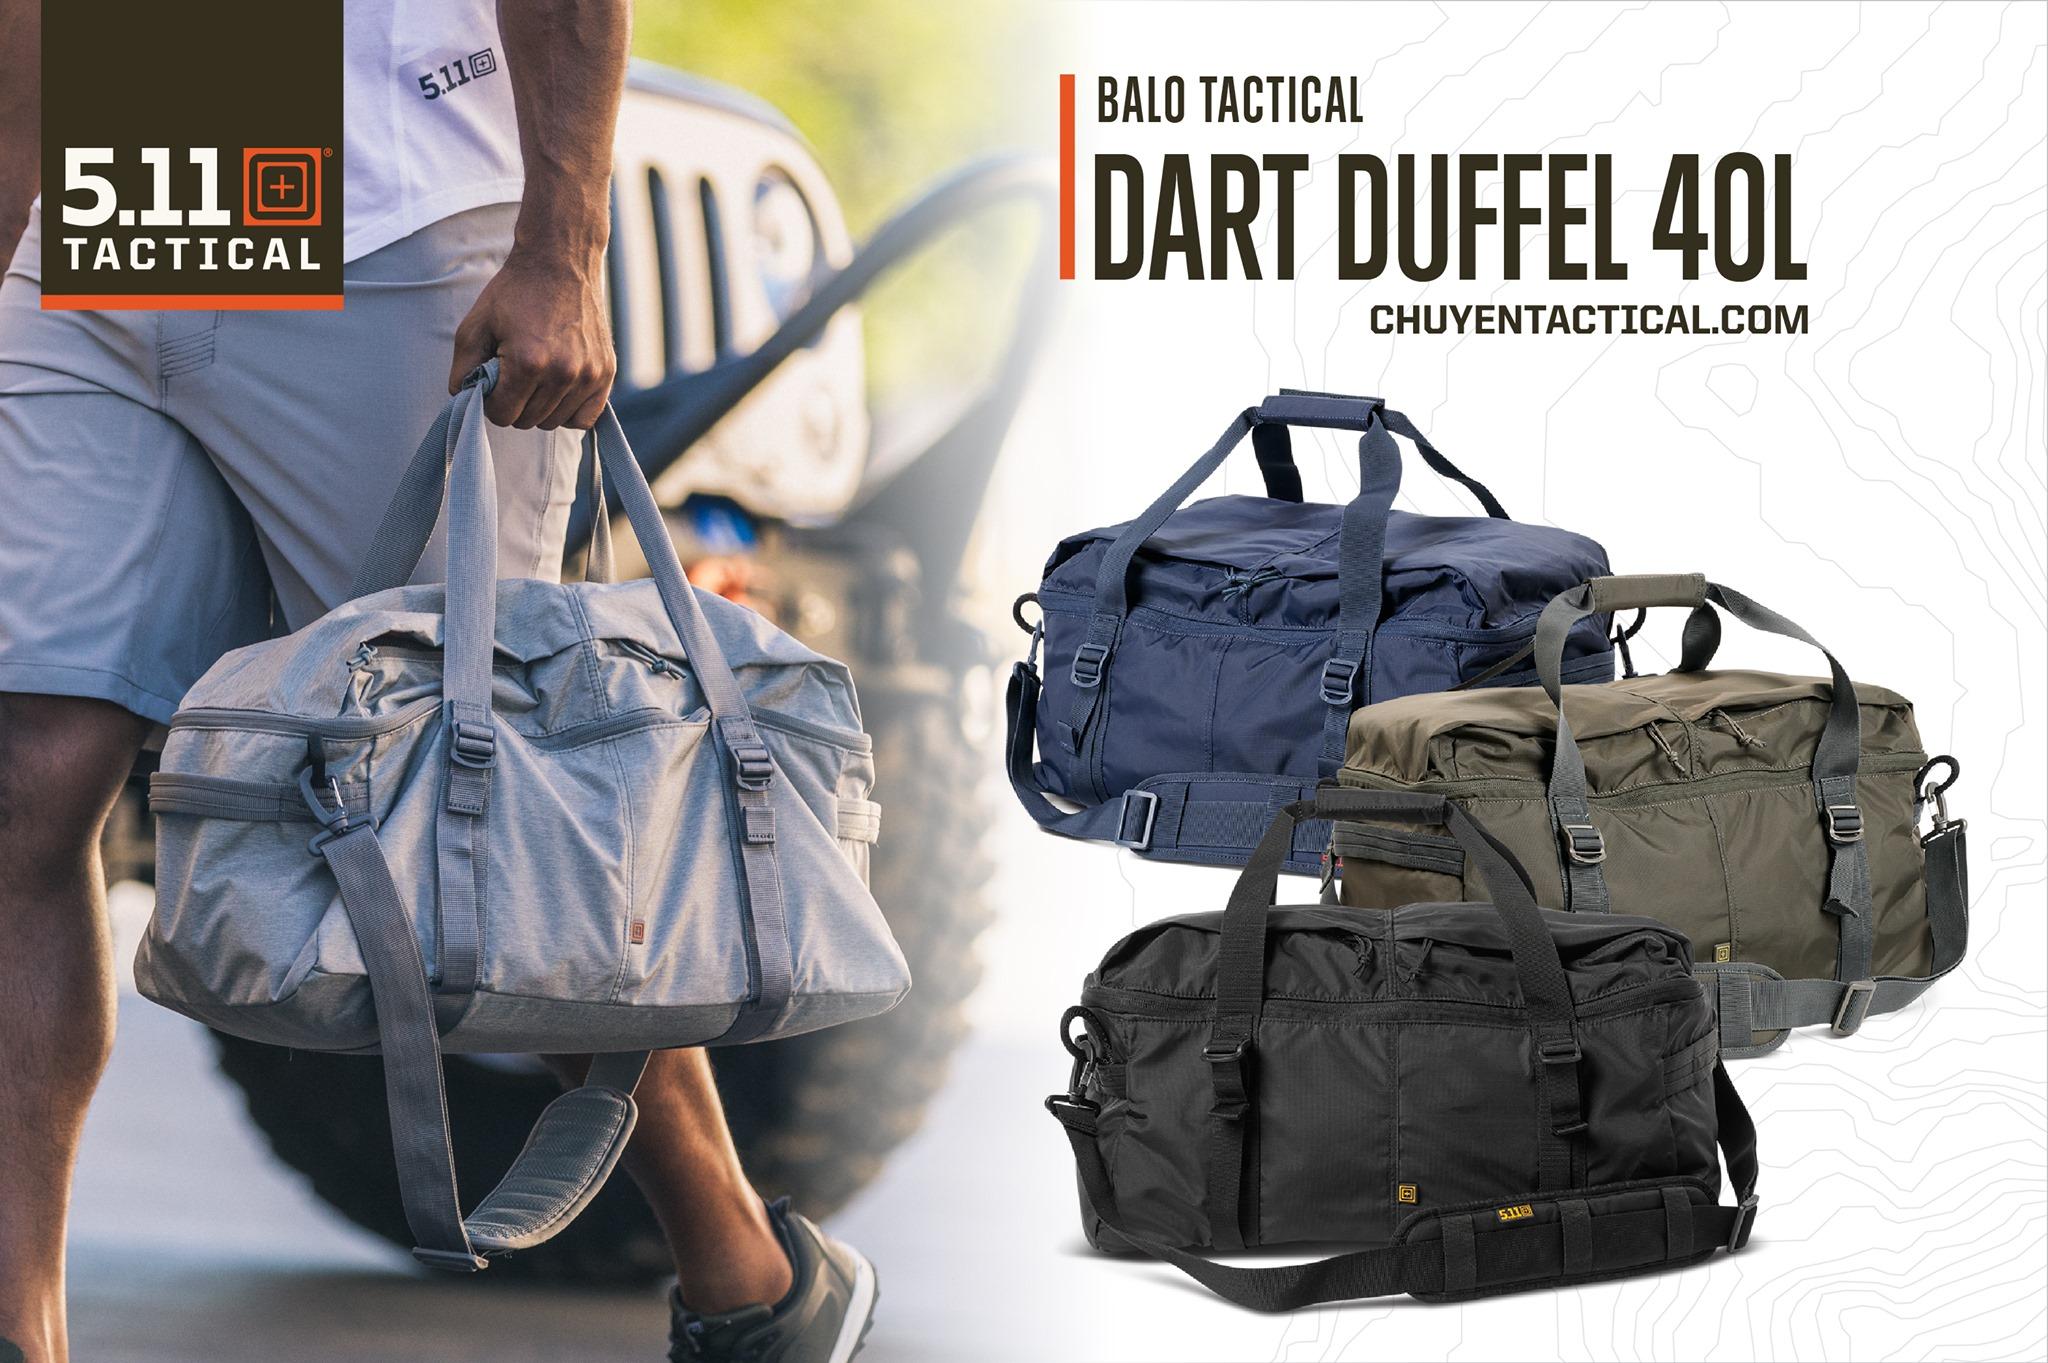 5.11 Tactical Dart Duffel Màu Lunar Heather (trái) và Night Watch, Grenade, Black (phải, từ trên xuống dưới)